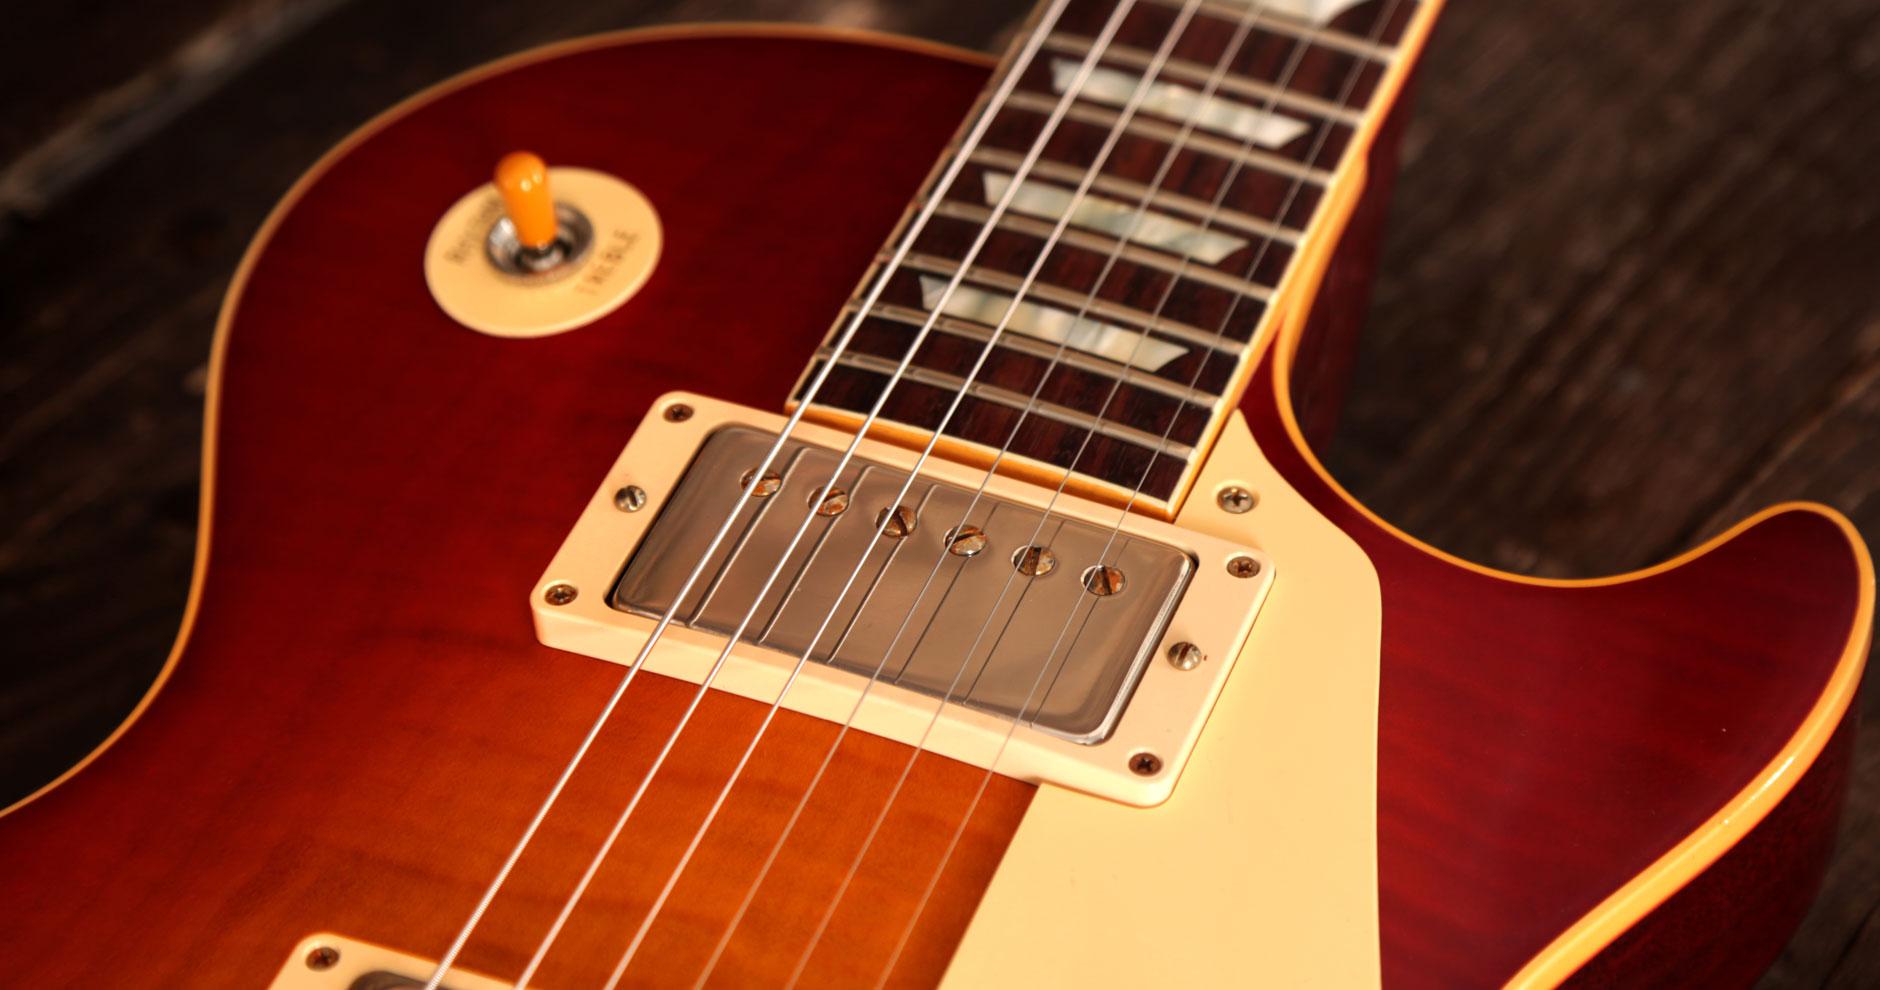 Les Paul Wiring Diagram Guitar Pick Up Types Guitar Wiring Diagram